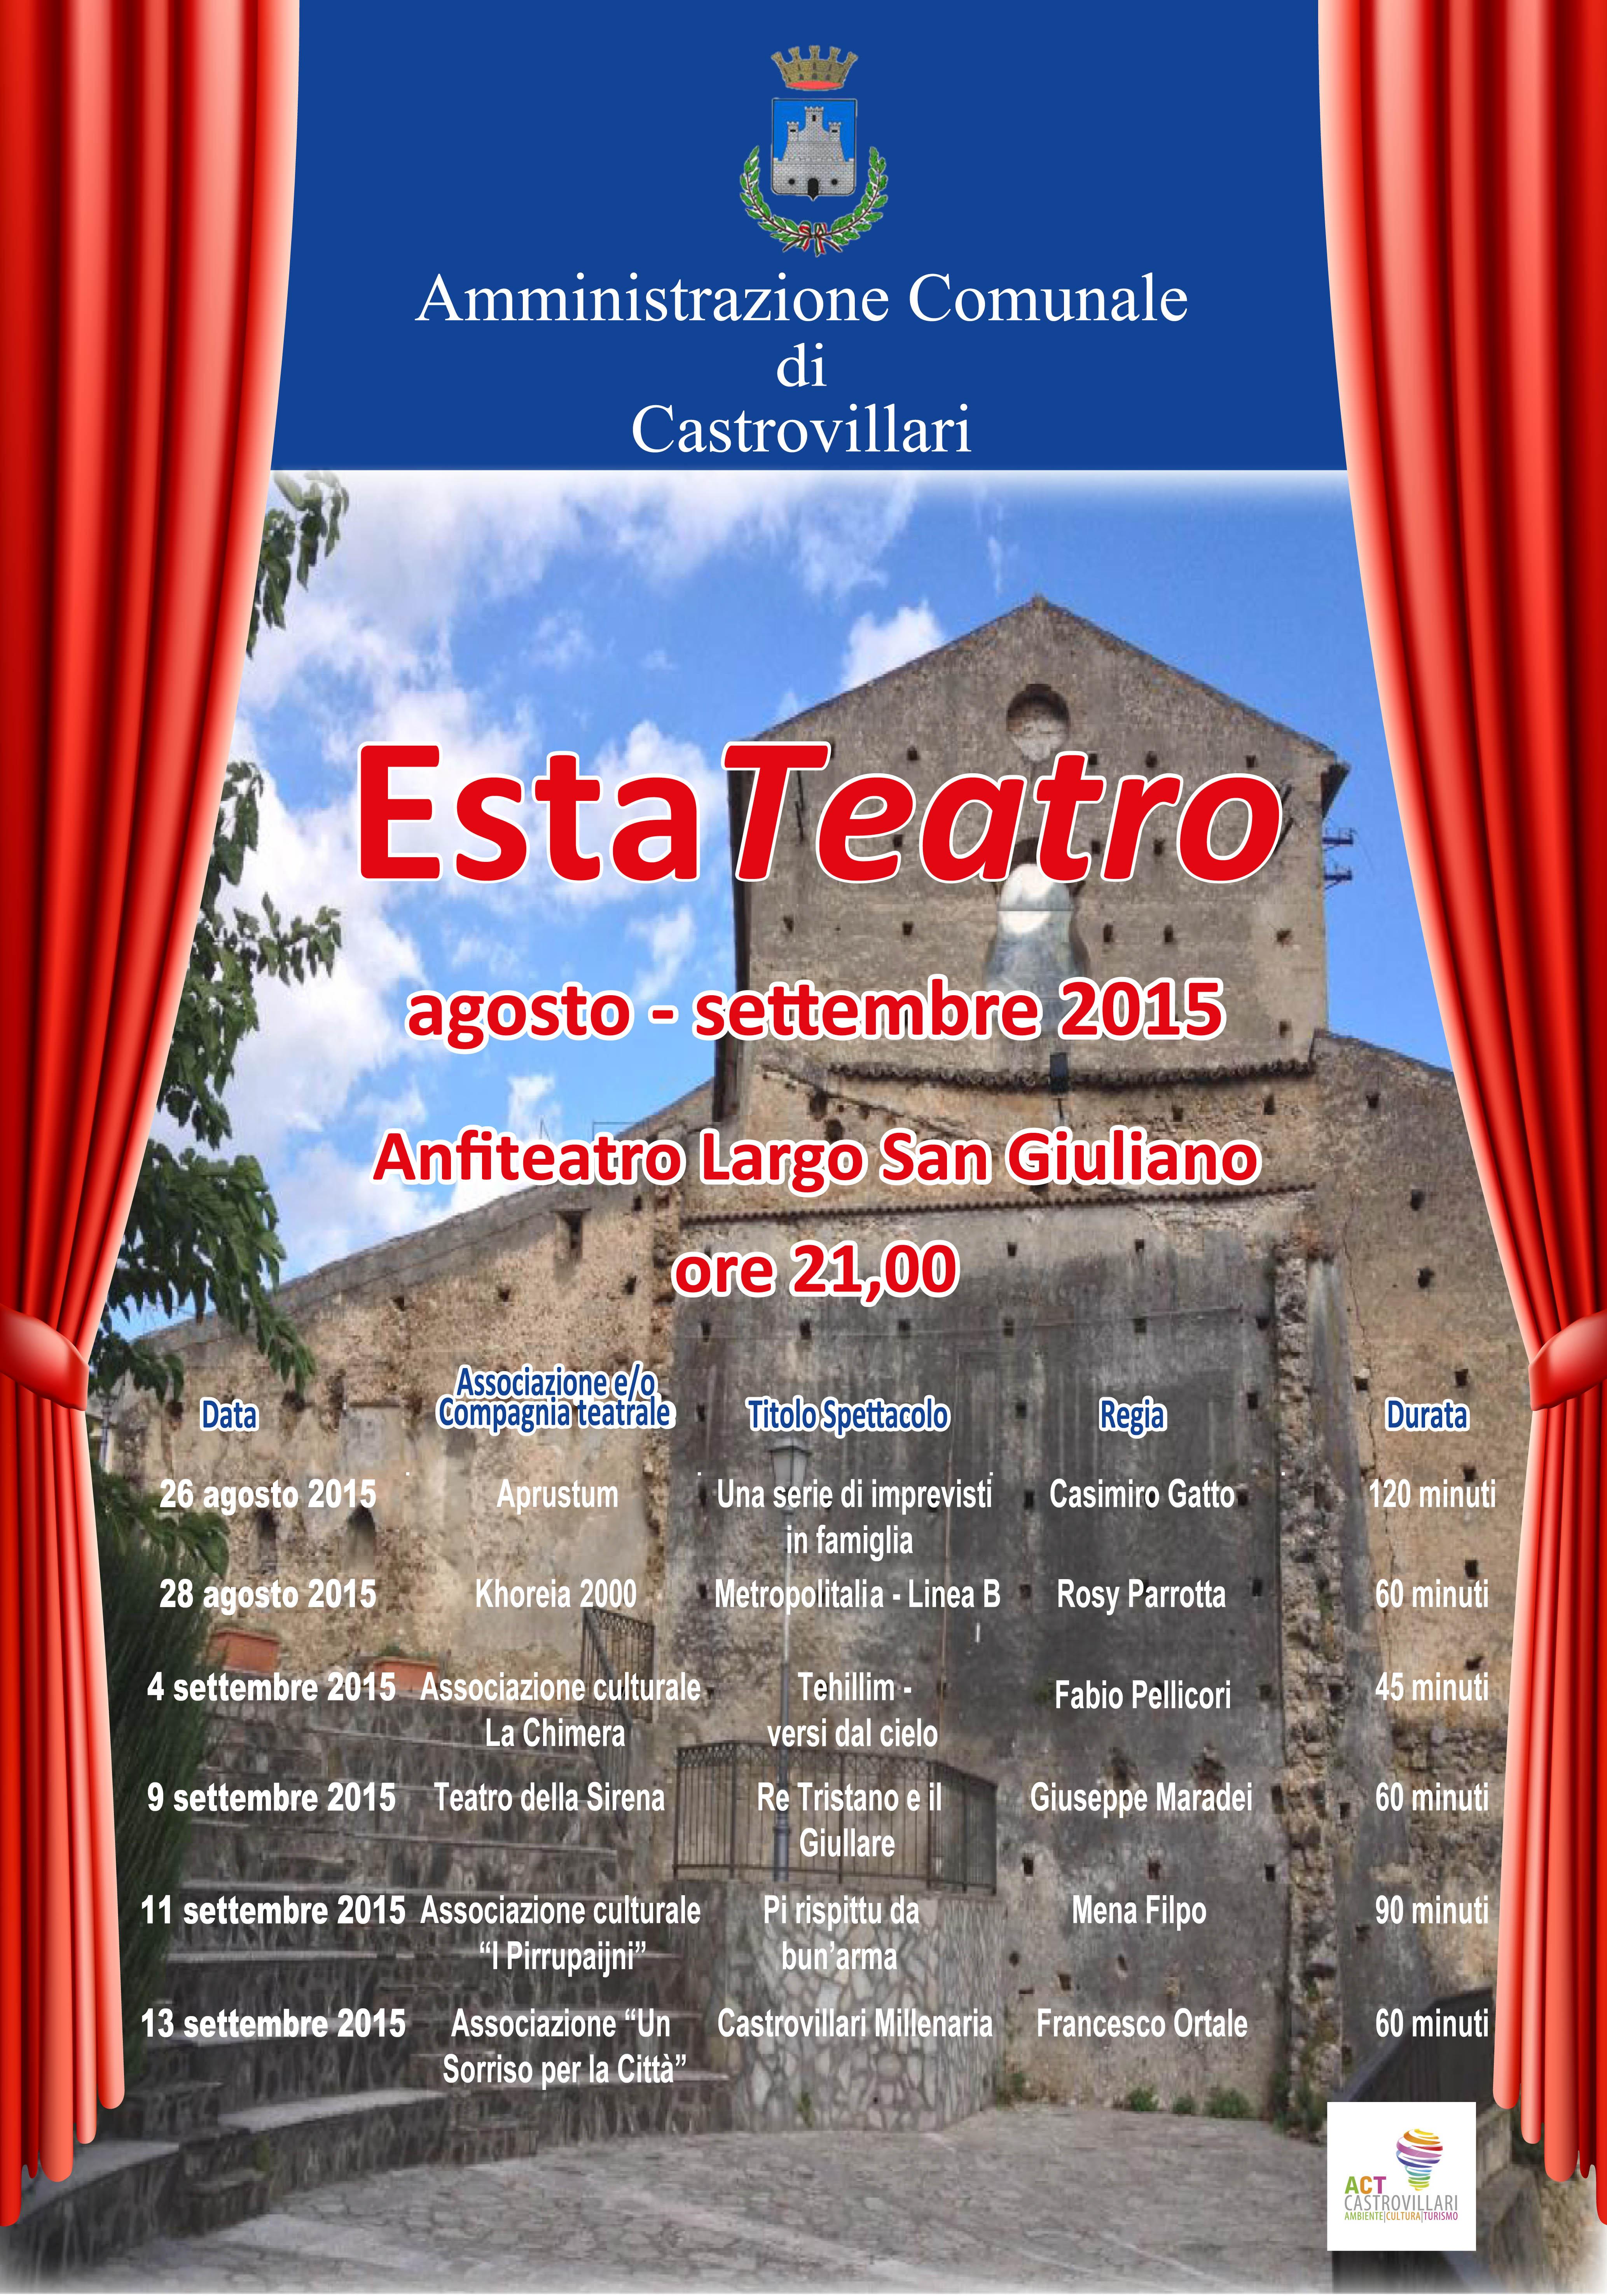 CITTA' DI CASTROVILLARI